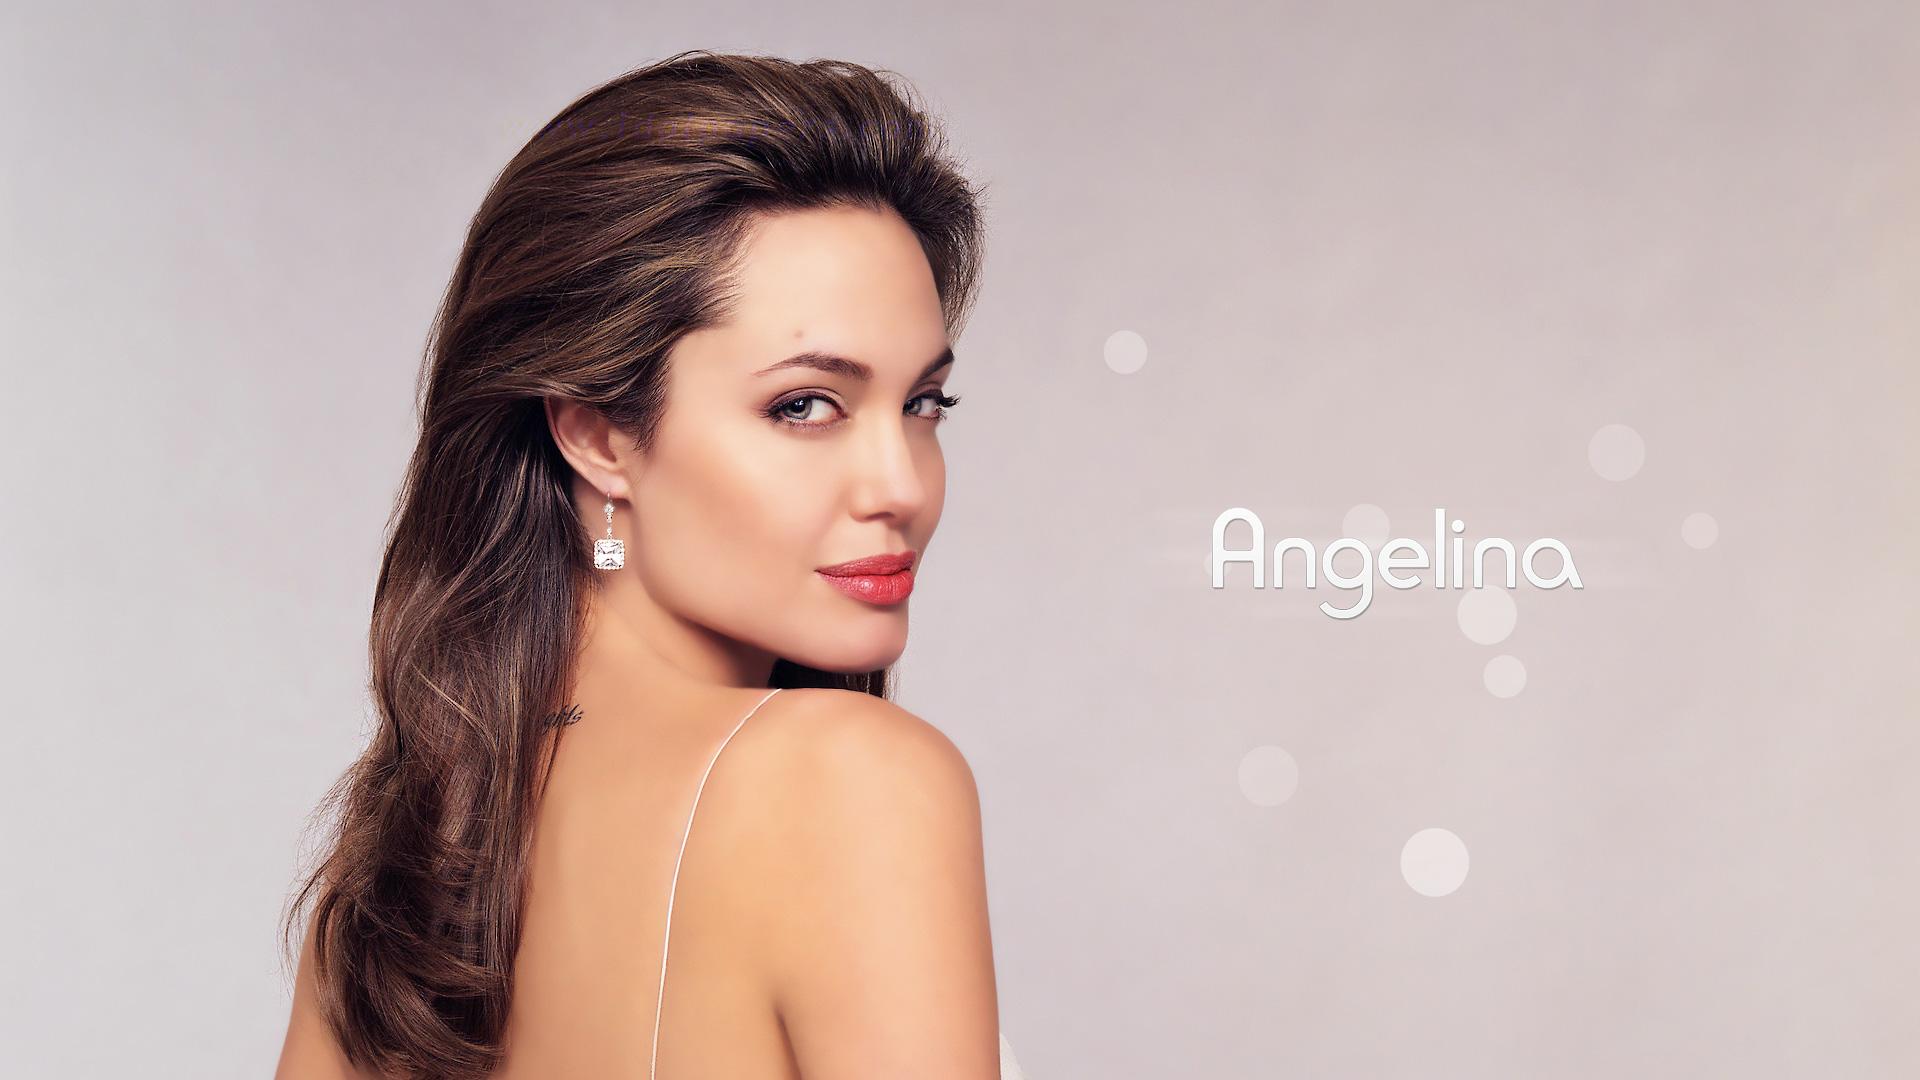 Angelina Jolie schne rosa Hintergrundbilder Angelina Jolie schne 1920x1080